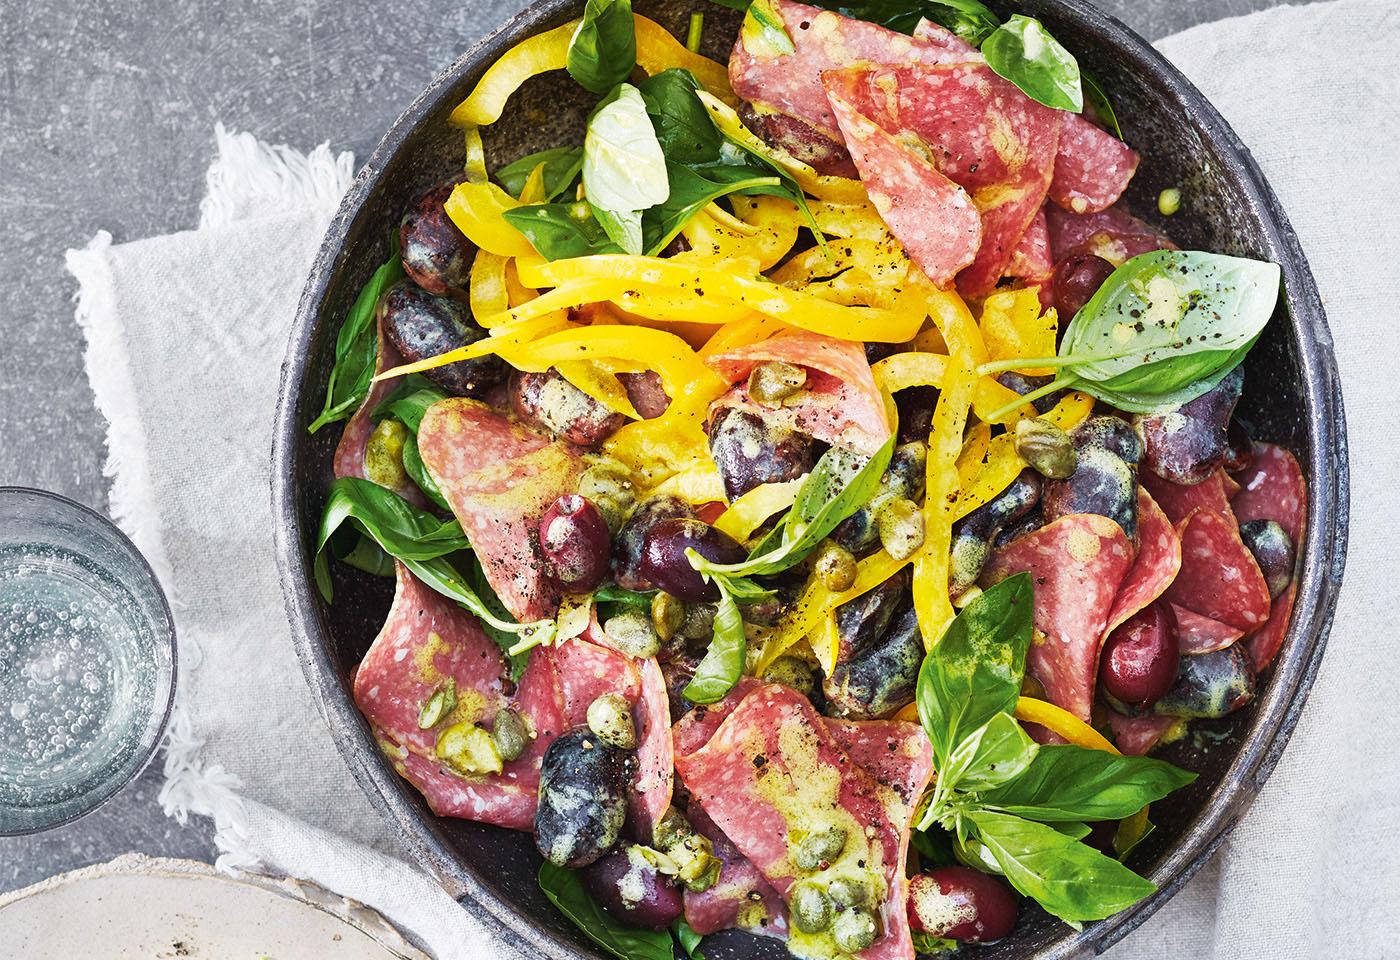 Bunter Salat mit Bio-Kantwurst mit Bohnen, Paprika und Oliven Foto: © Janne Peters